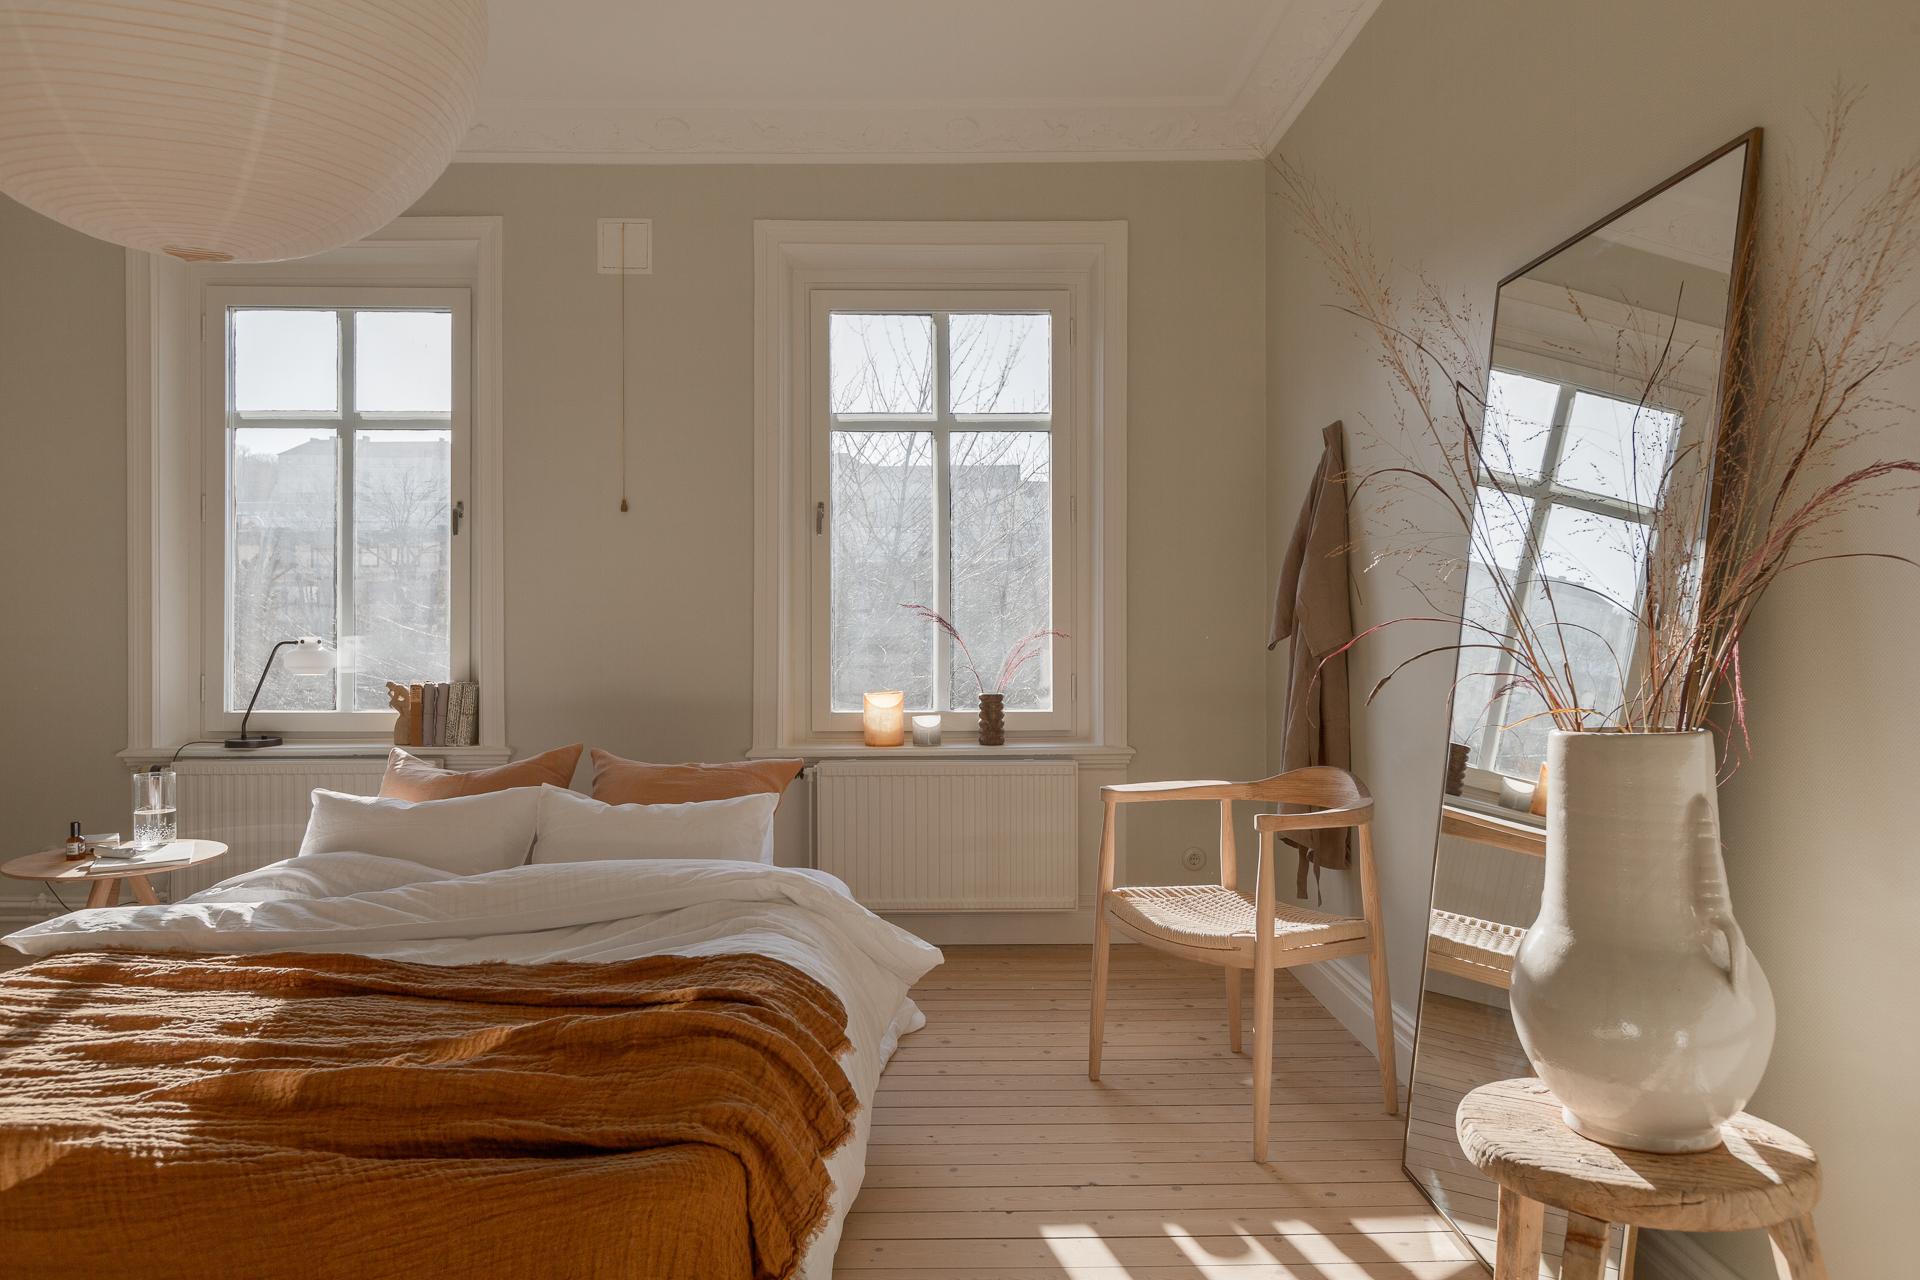 Bright bedroom styled in warm colors / via @kronekern